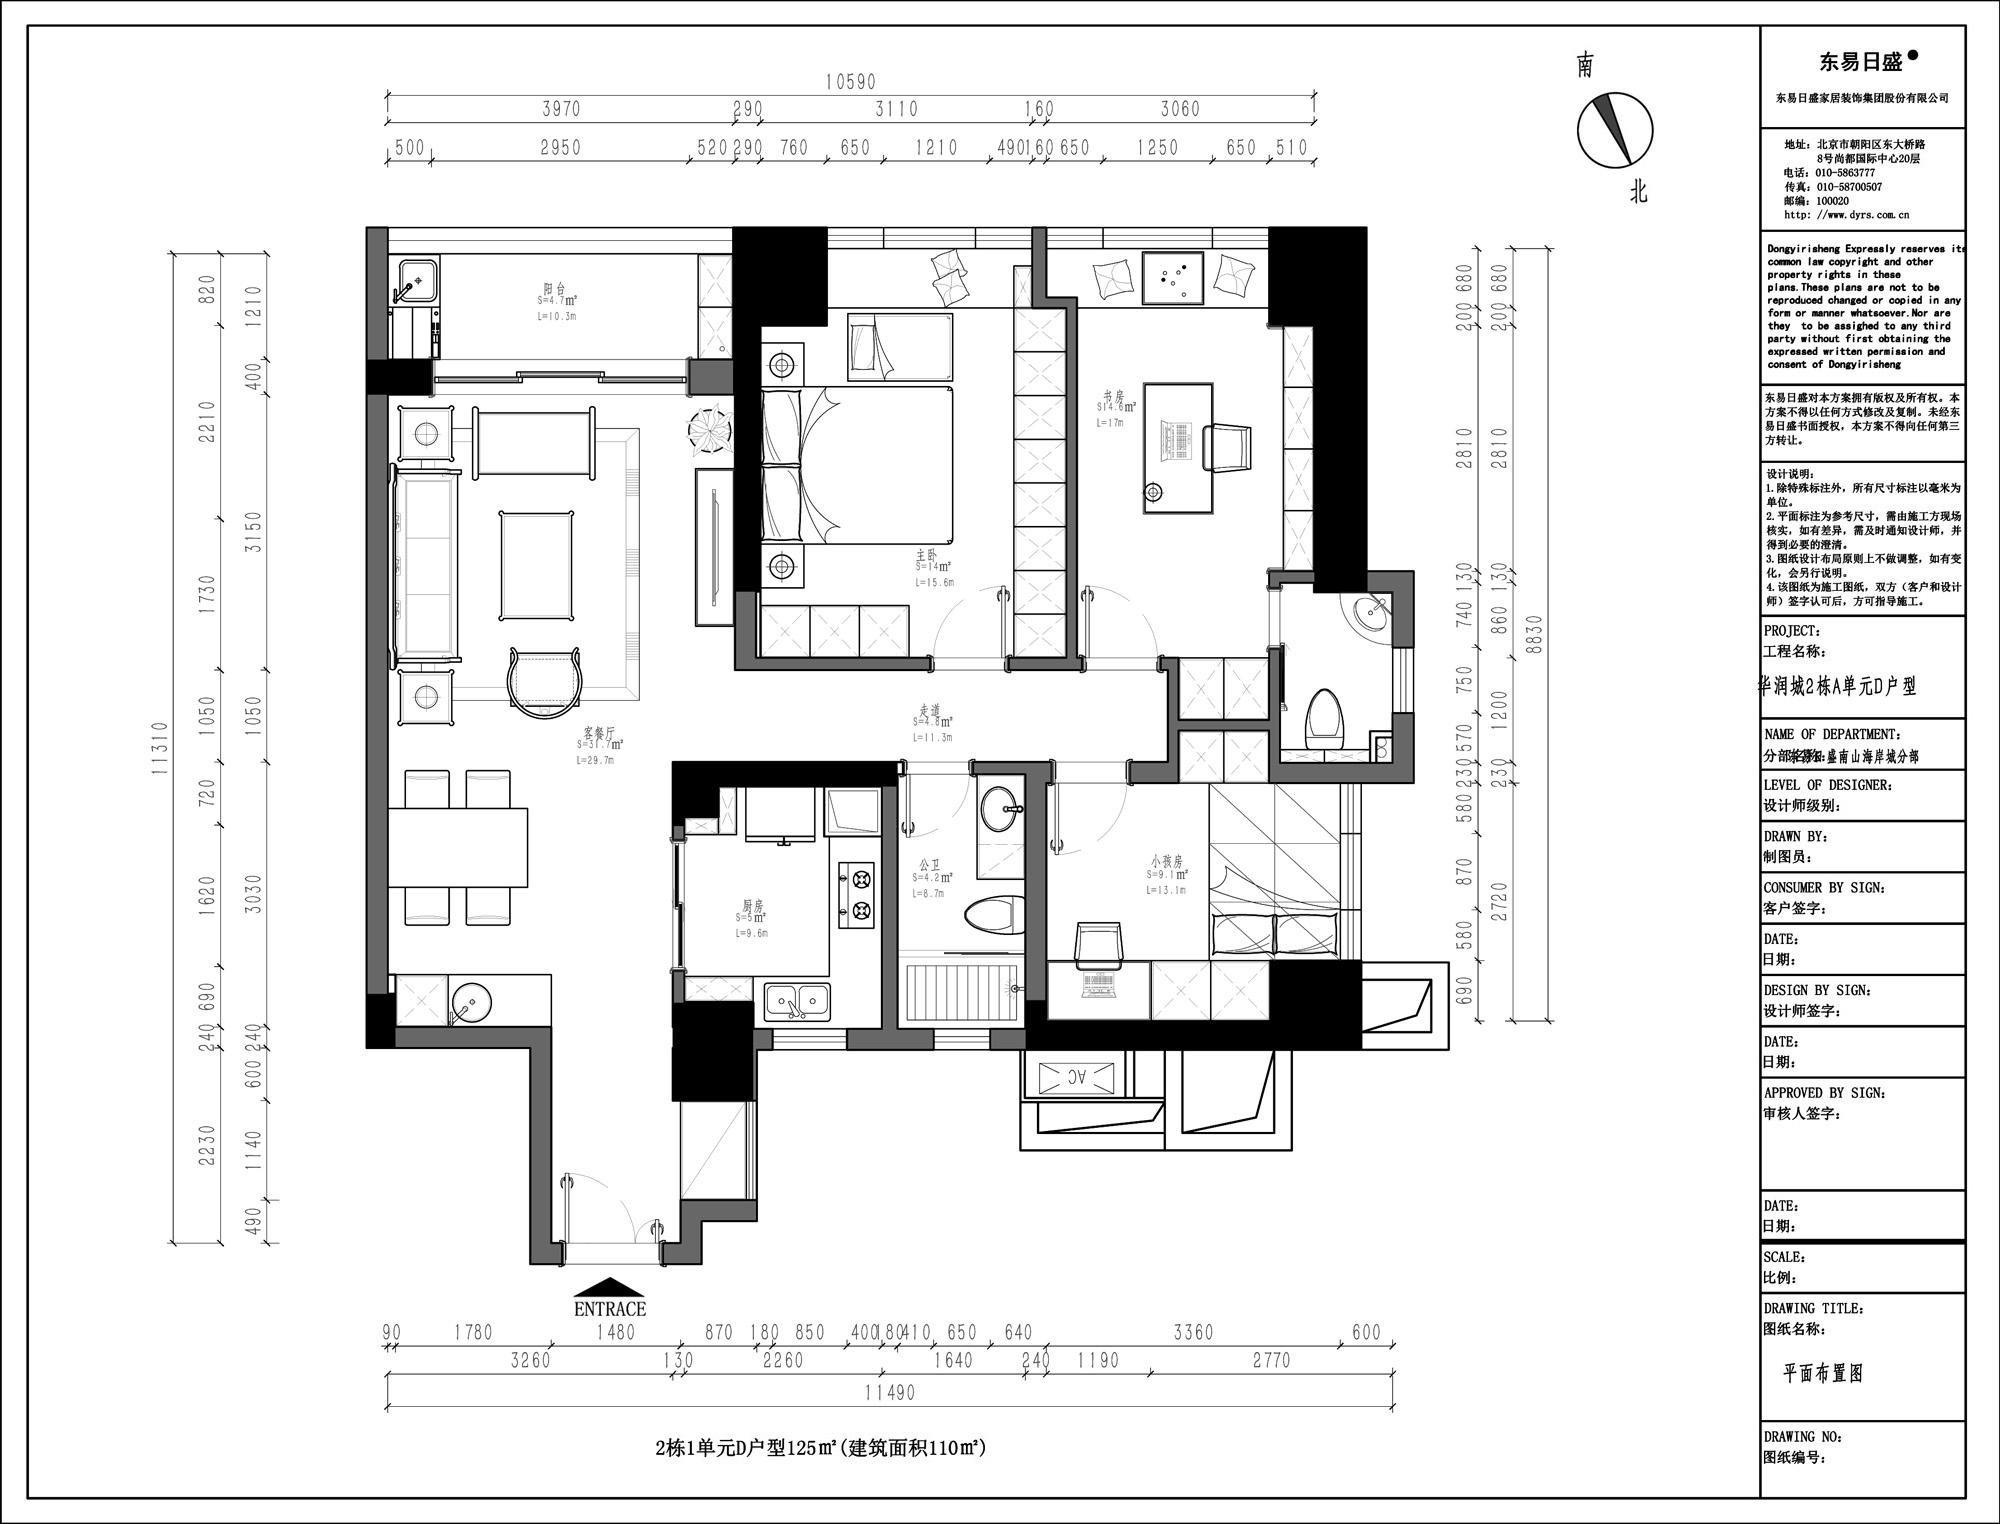 华润城 新中式装修风格效果图 125平米三室两厅装修设计理念